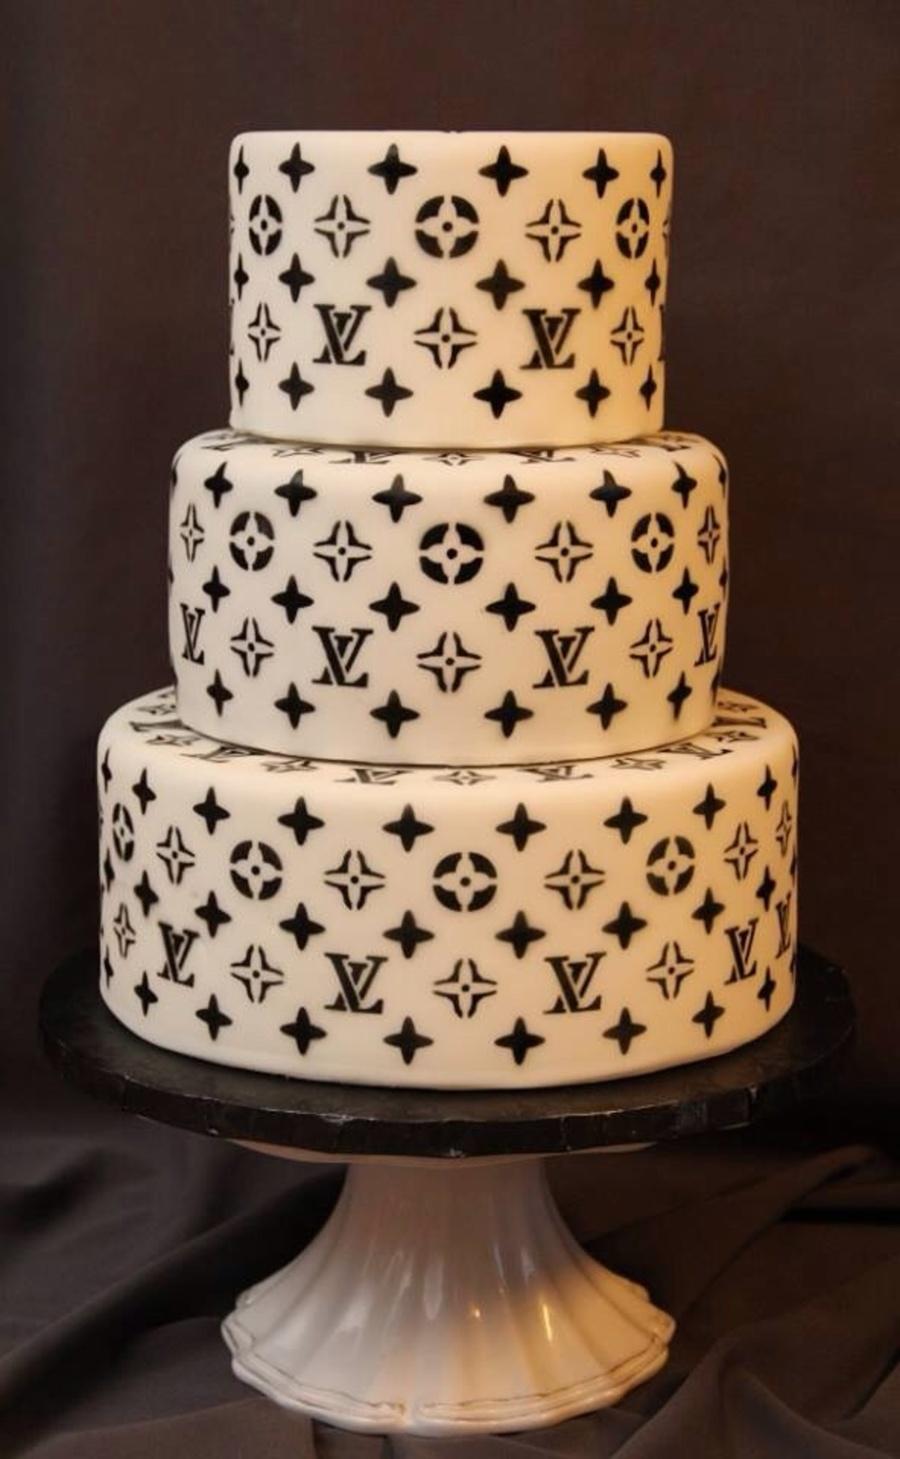 Gucci Cake  Layers